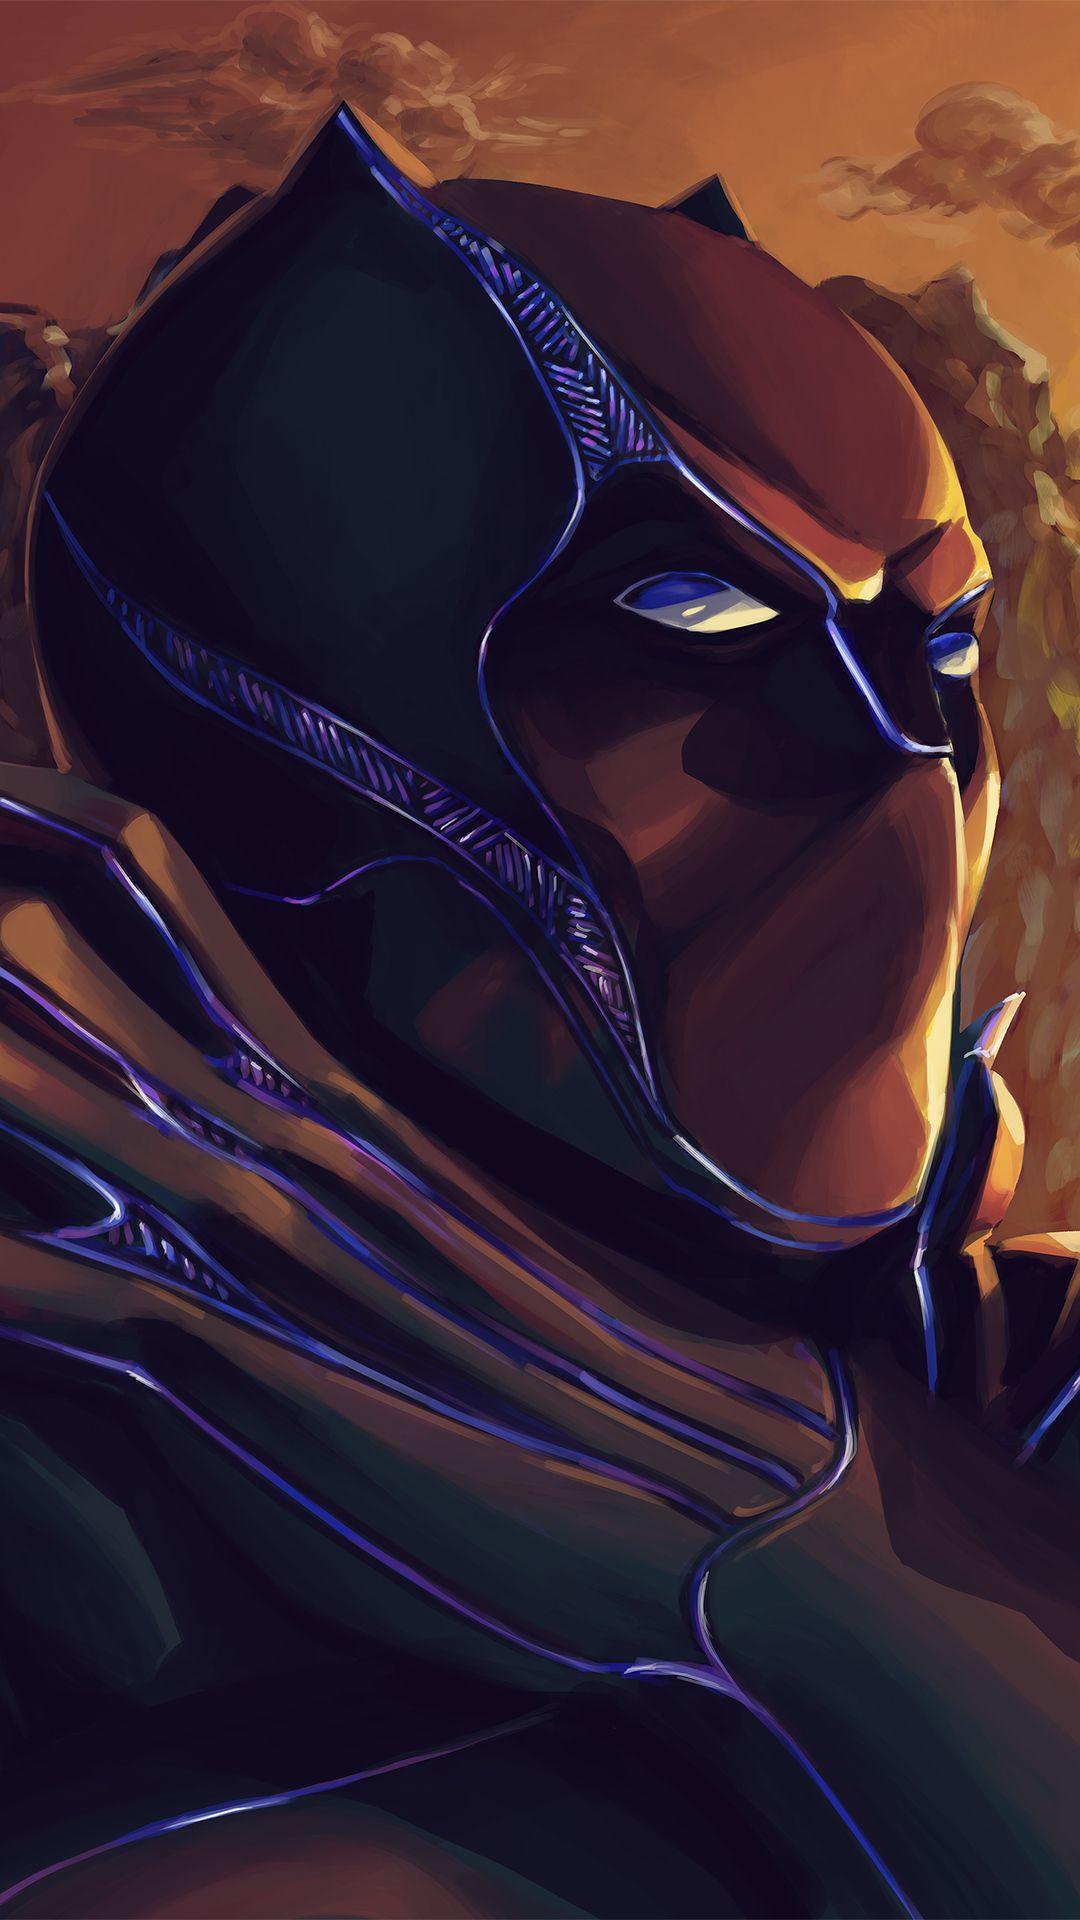 Black Panther Closeup Art Mobile Wallpaper (iPhone